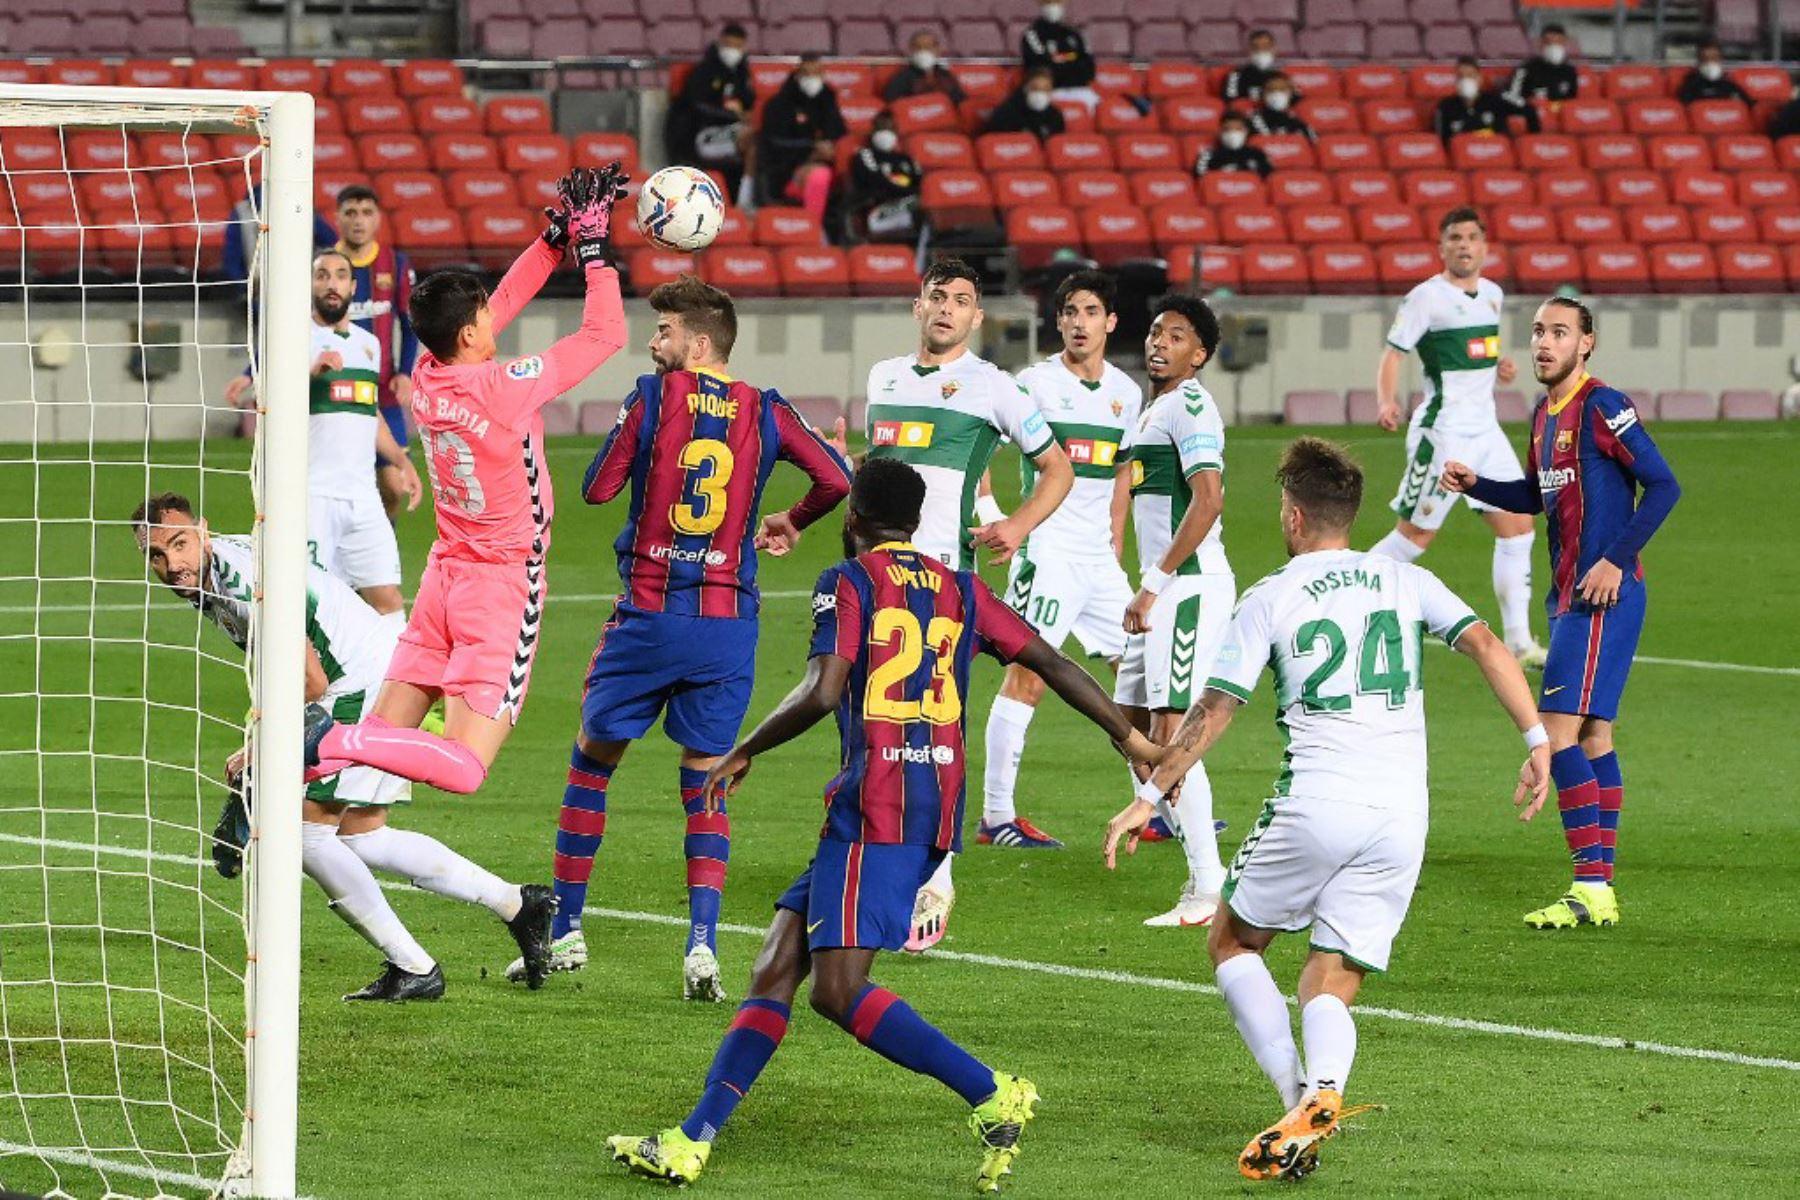 El portero español del Elche Edgar Badia (izq.) Bloquea un disparo a puerta durante el partido de fútbol de la liga española entre el FC Barcelona y el Elche CF en el estadio Camp Nou de Barcelona  Foto:AFP